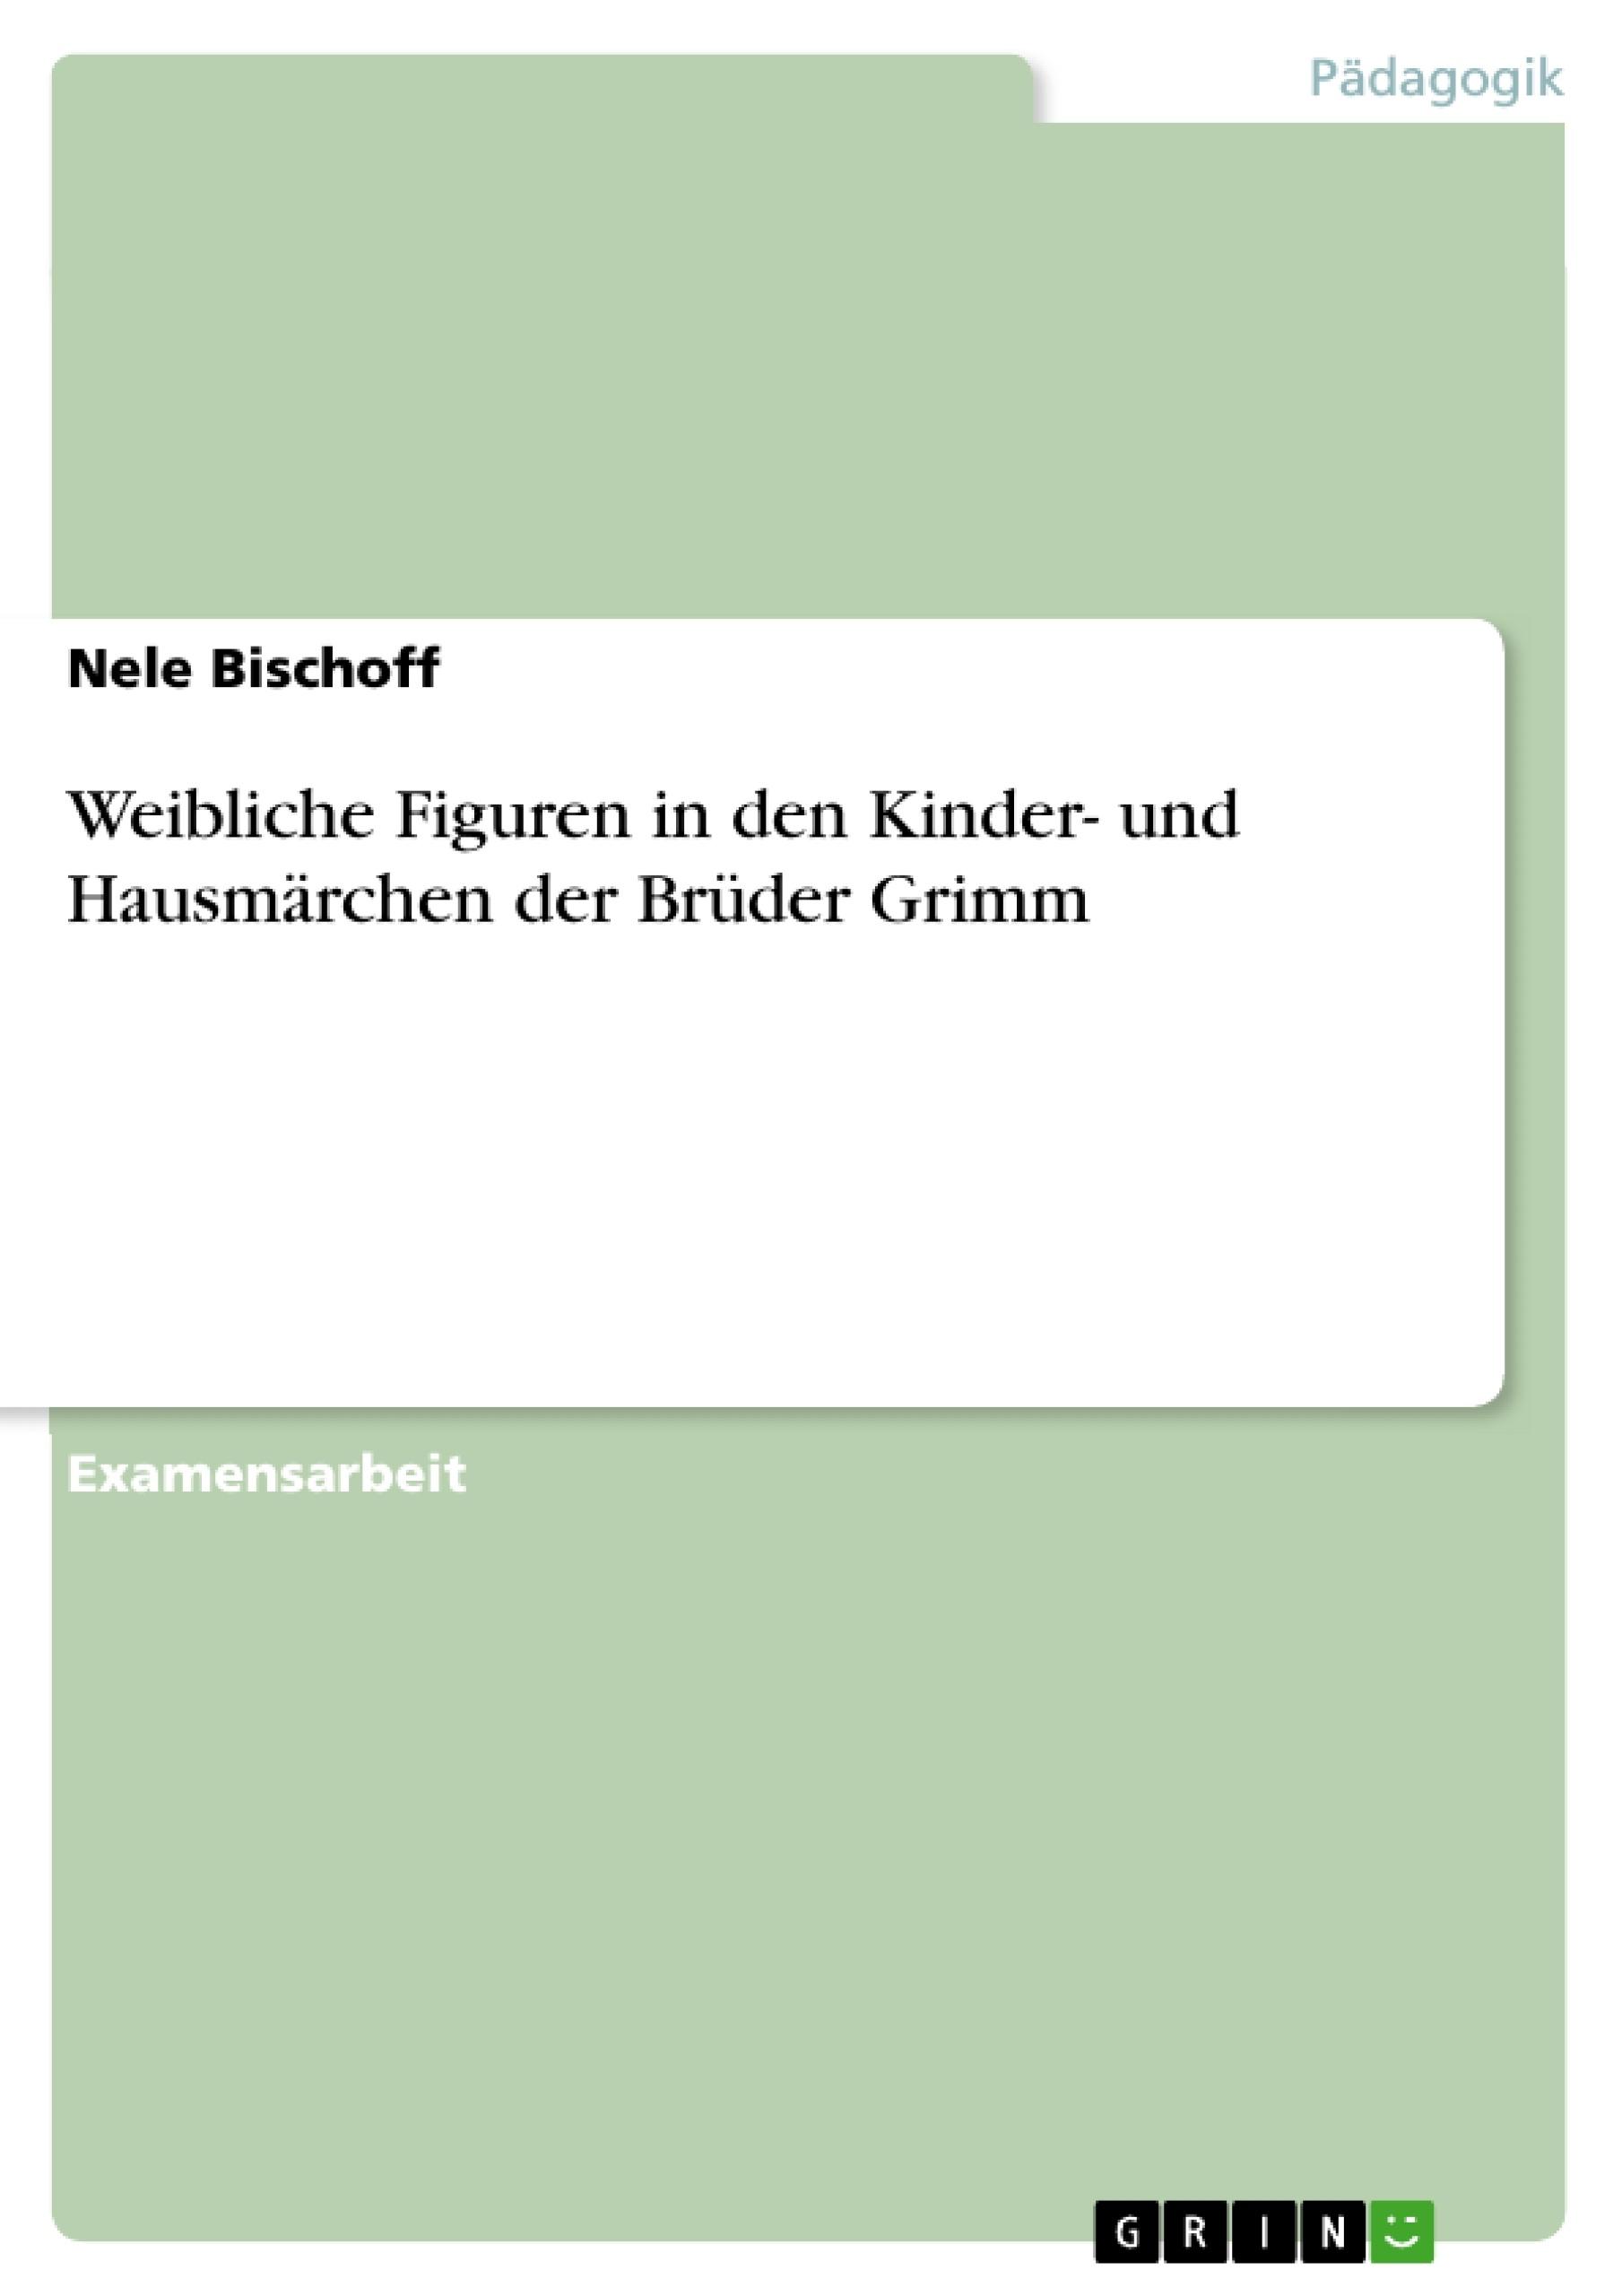 Titel: Weibliche Figuren in den Kinder- und Hausmärchen der Brüder Grimm